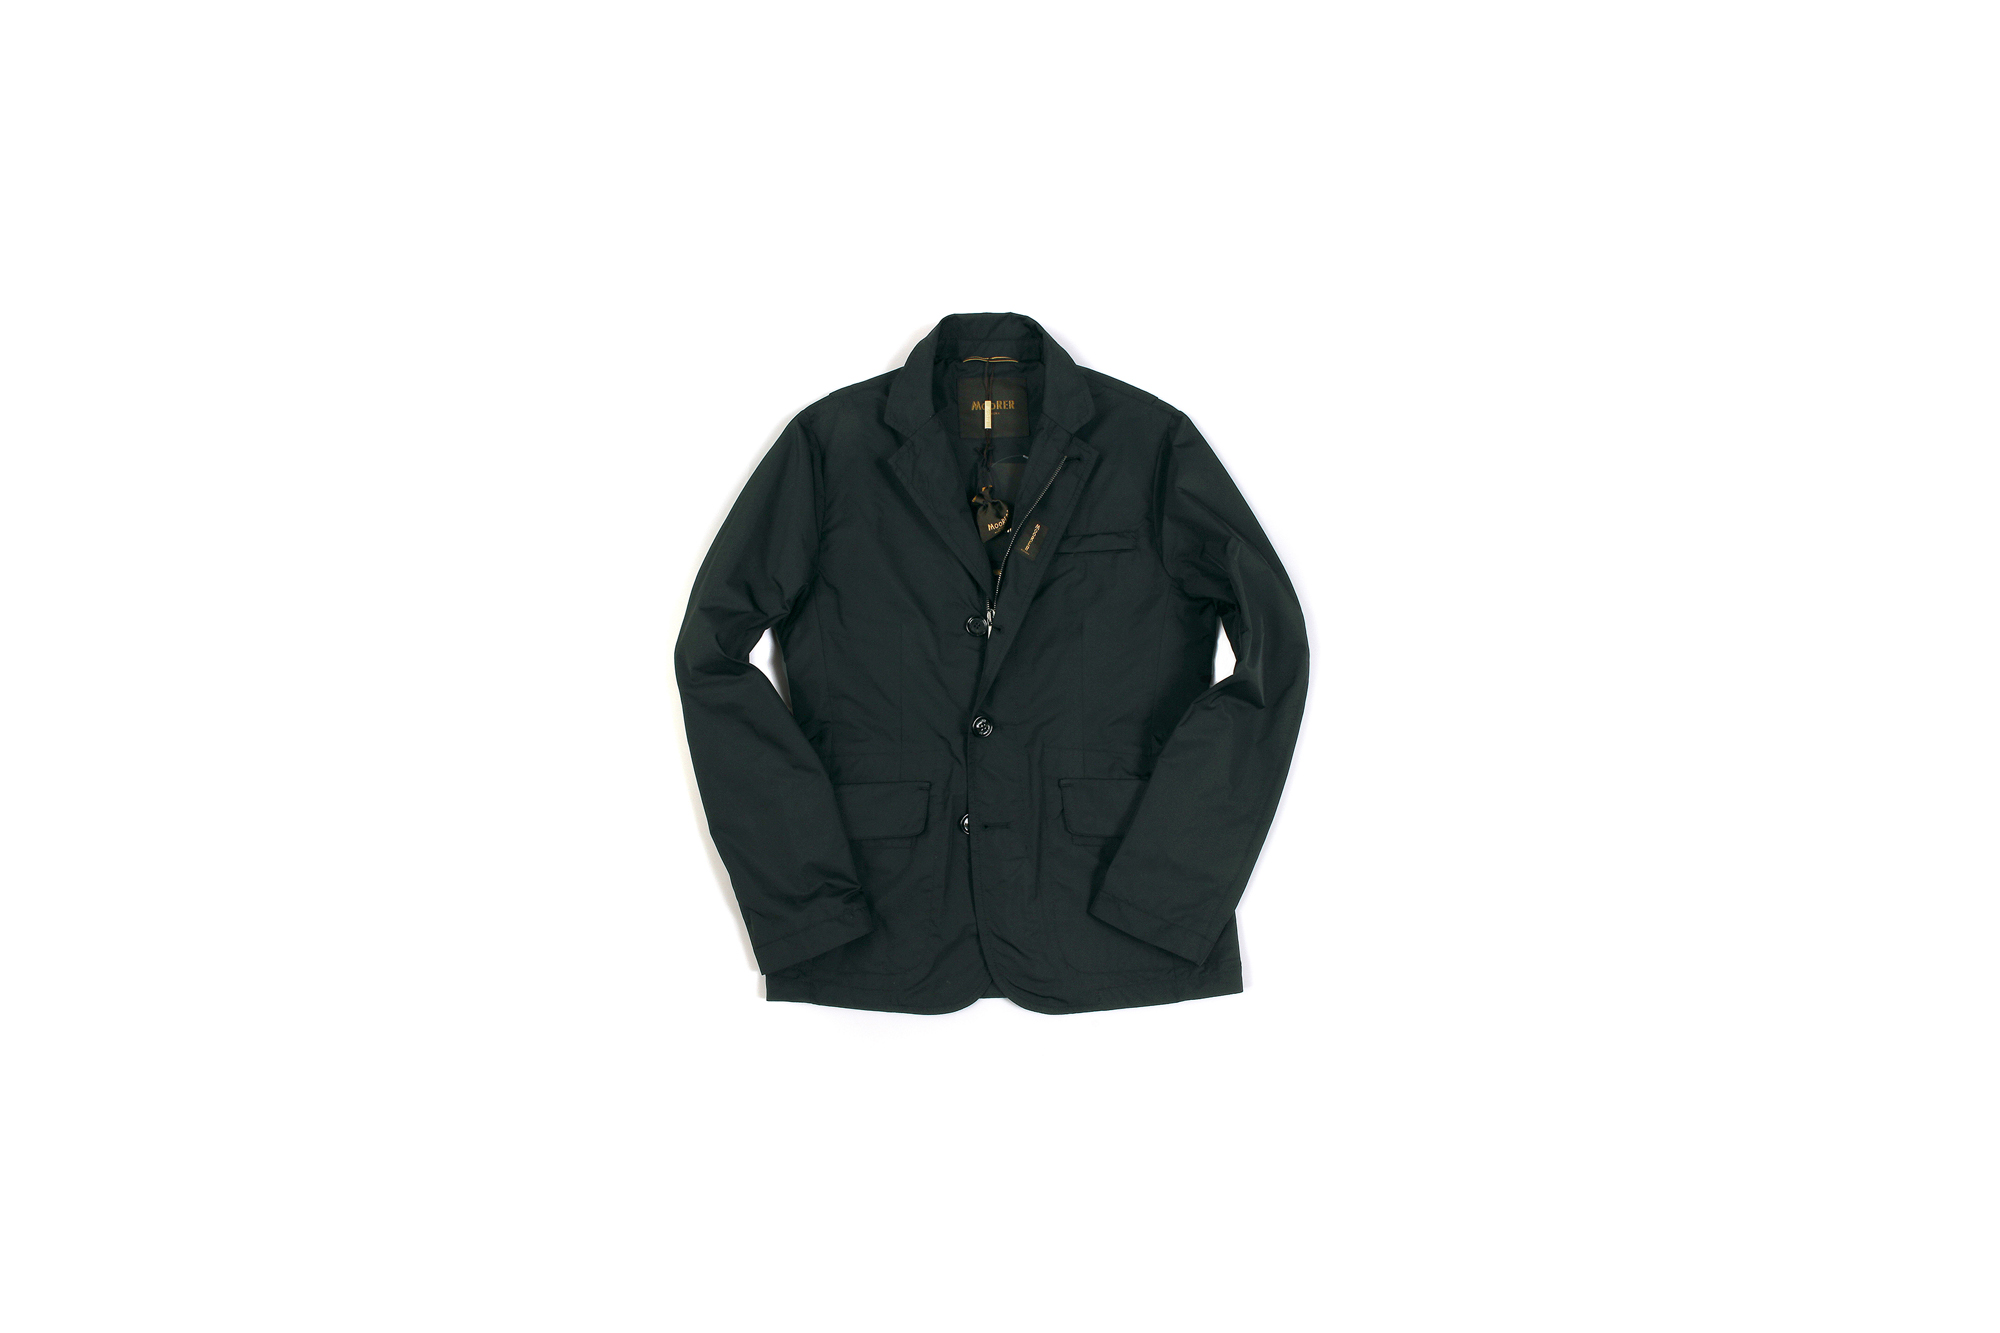 MOORER(ムーレー) GHIBERTI-KM1 (ギベルティ) ナイロン シングル ジャケット NERO (ブラック) Made in italy (イタリア製) 2020 春夏新作